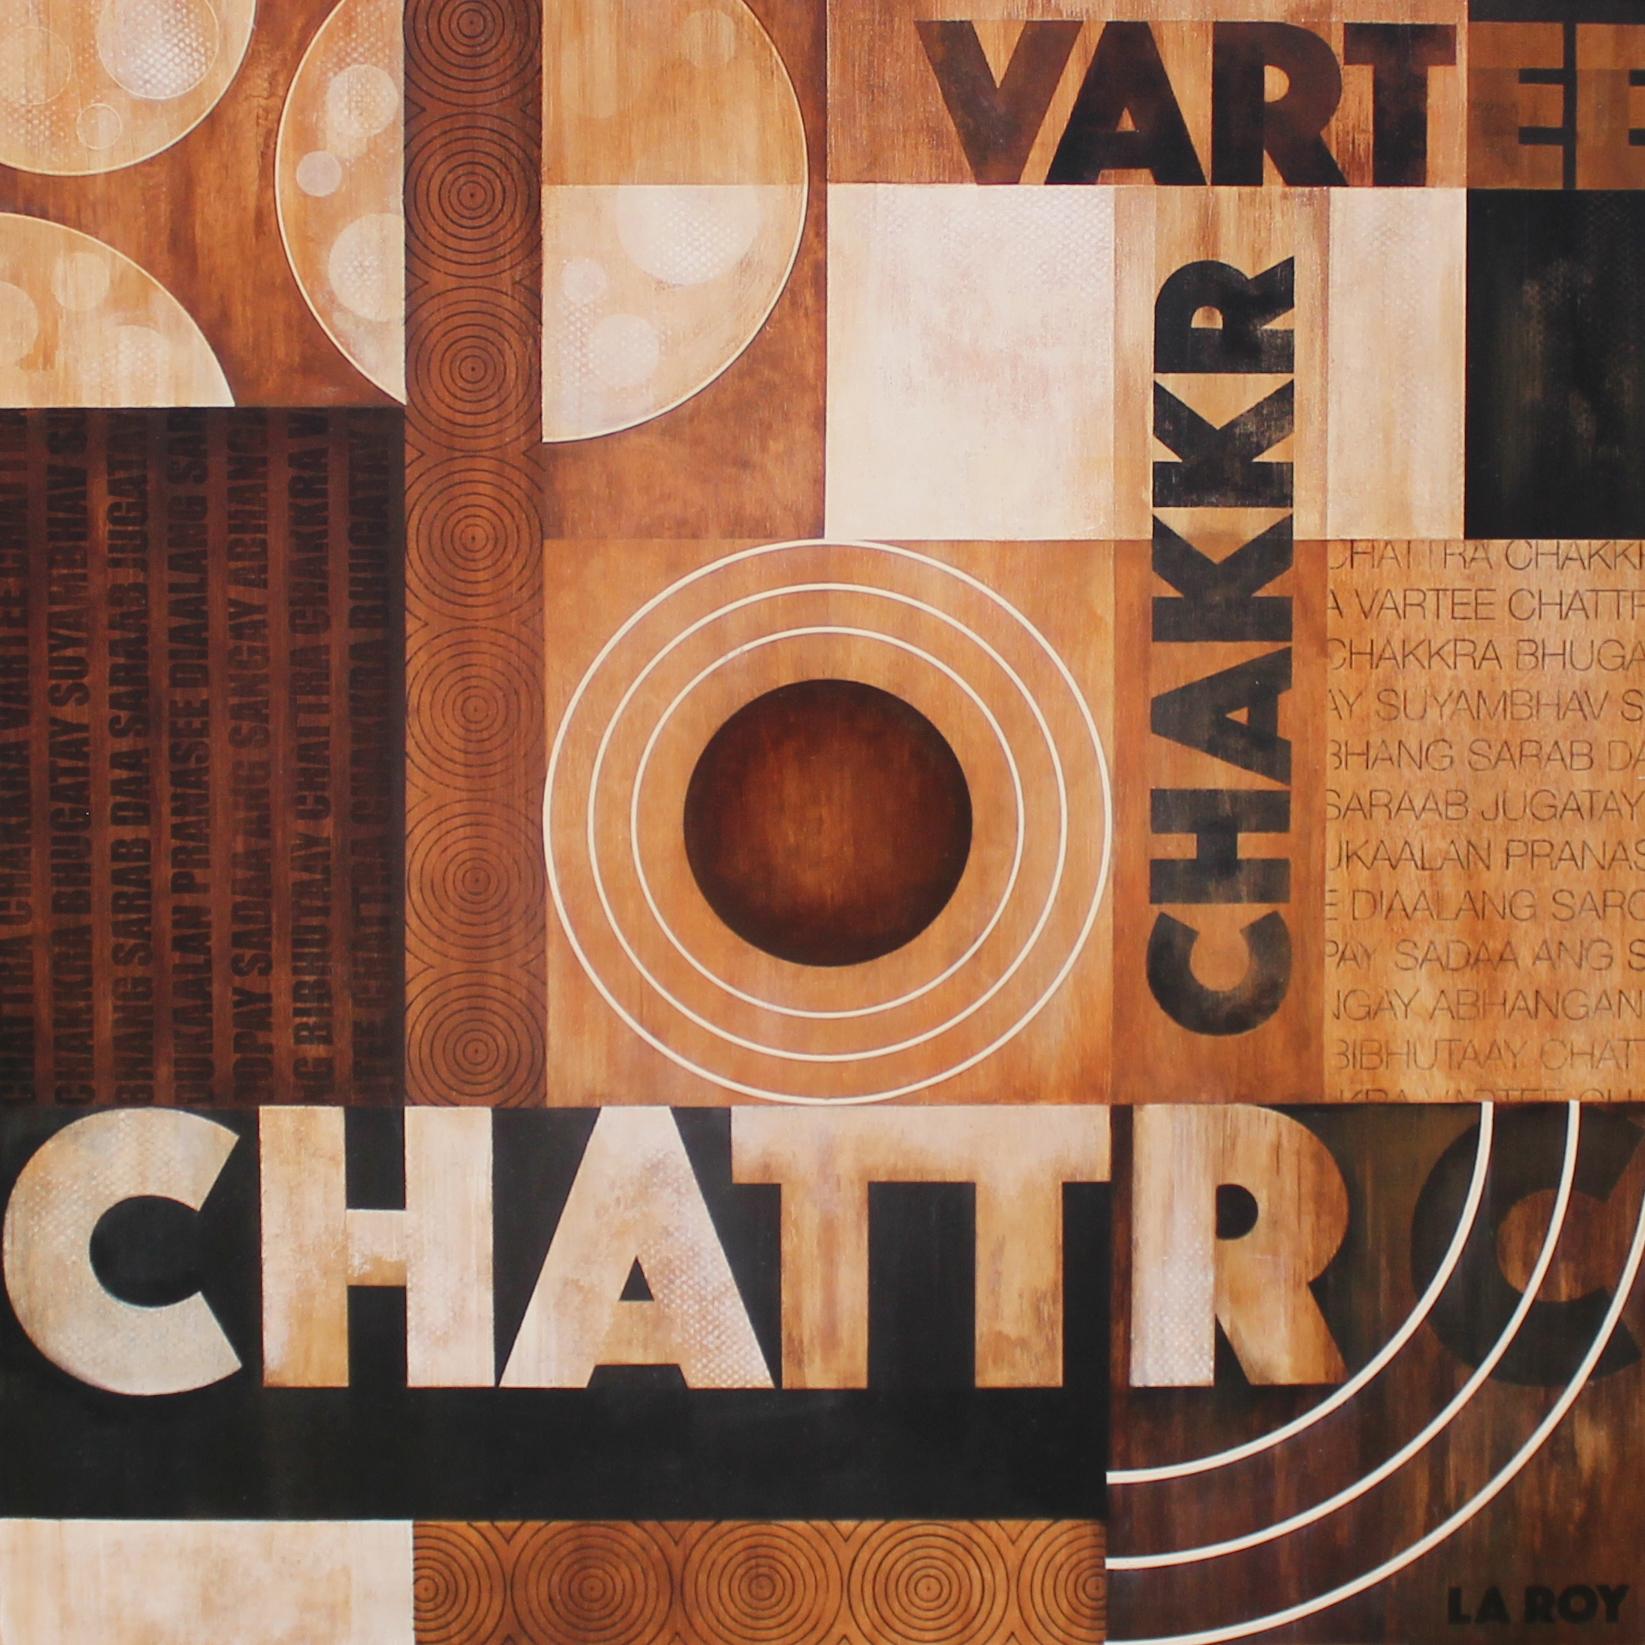 chattr-chakkr